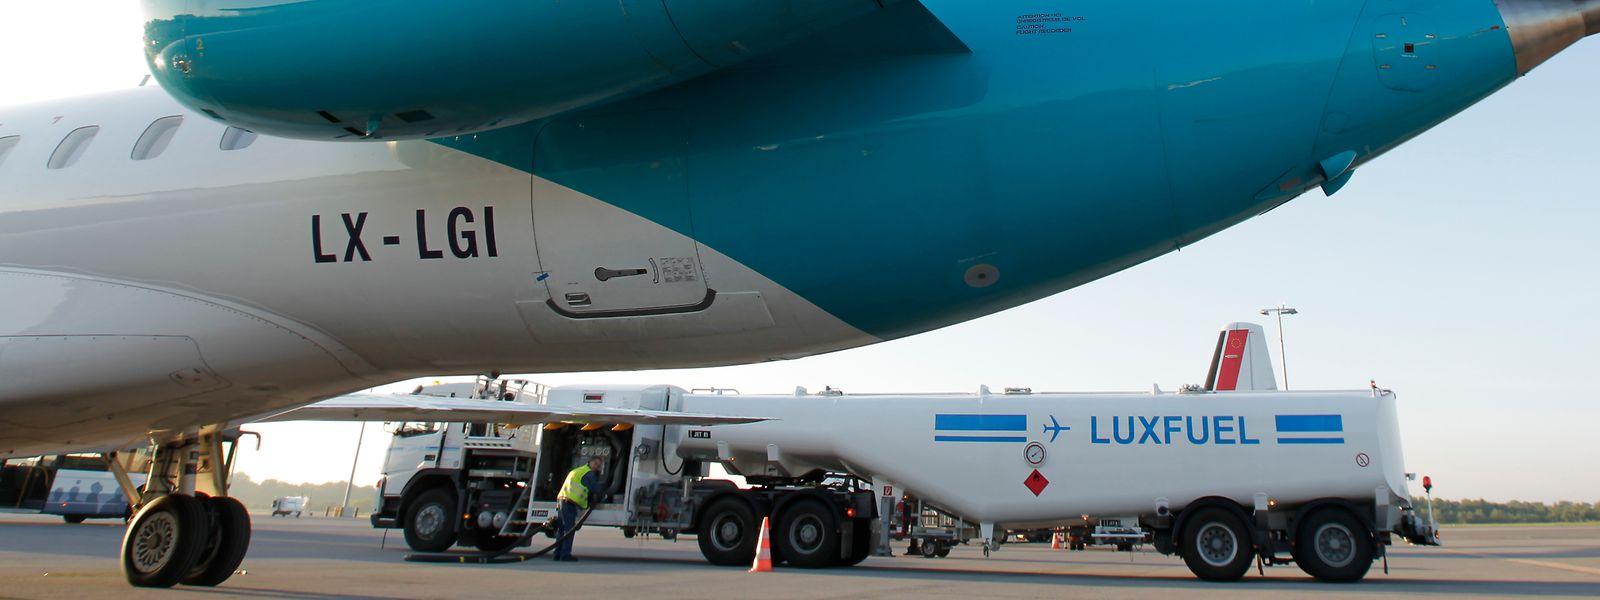 Luxfuel betankt eine Luxair-Maschine mit Kerosin, das durch eine Pipeline zum Findel kommt. Auch synthetische Treibstoffe könnten durch die Pipeline geleitet werden.